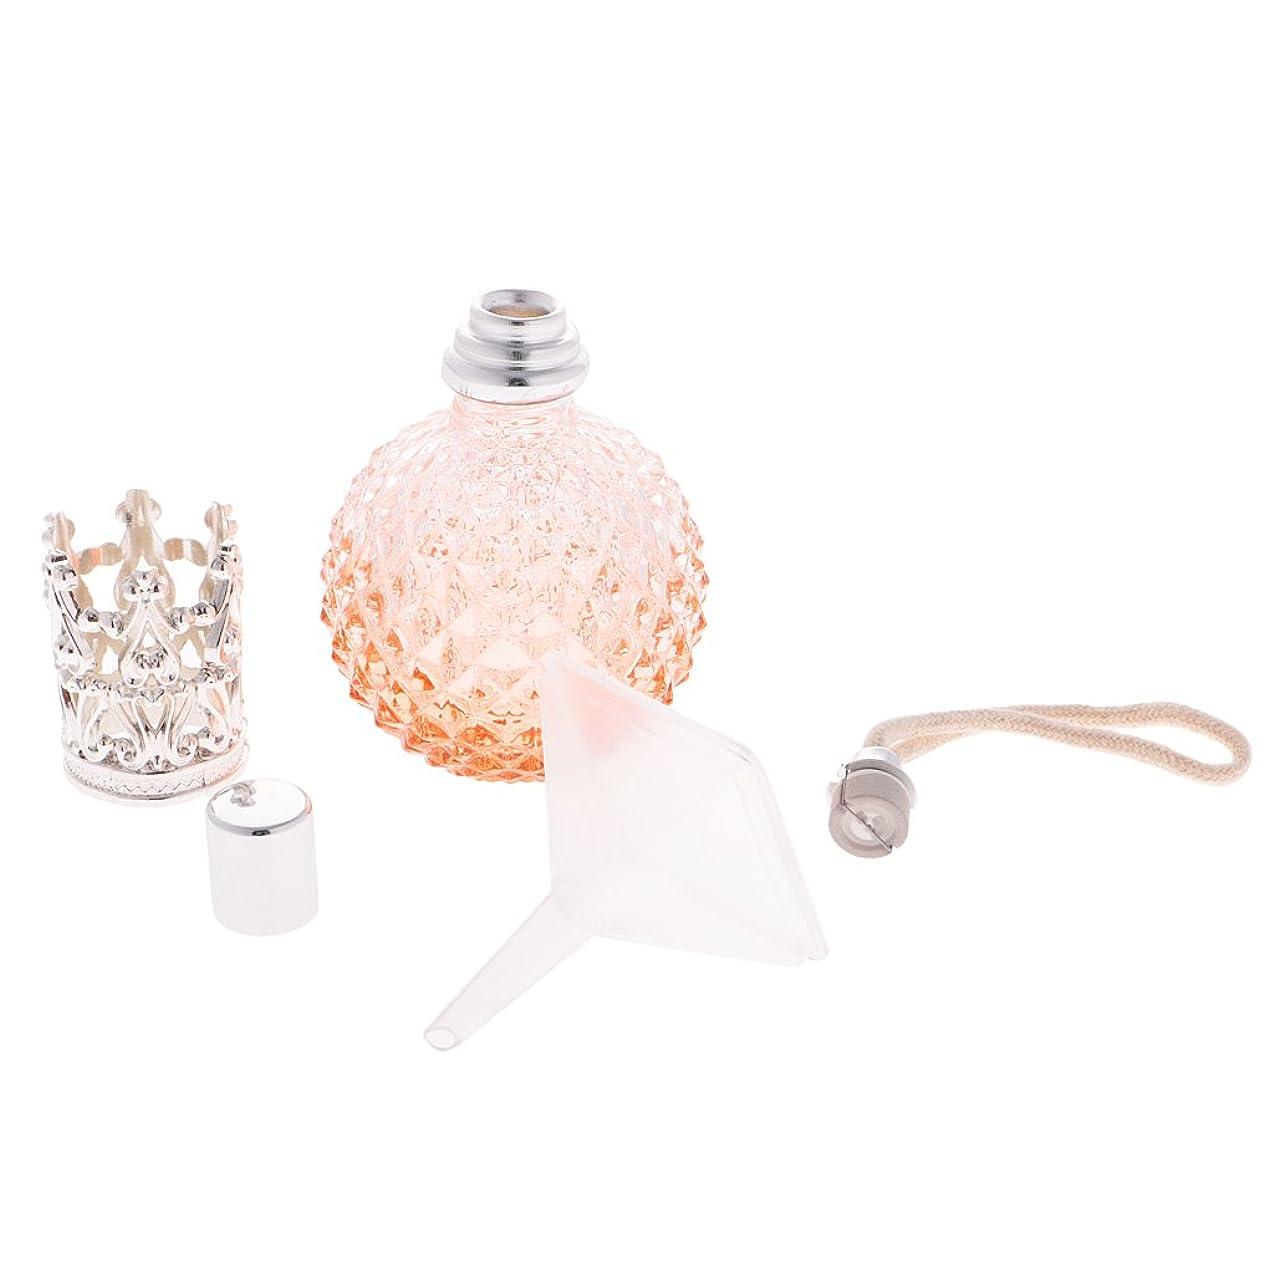 Baosity 全5色 香水瓶 ガラス製 100ml 詰め替え アトマイザー 再利用可能 - オレンジ